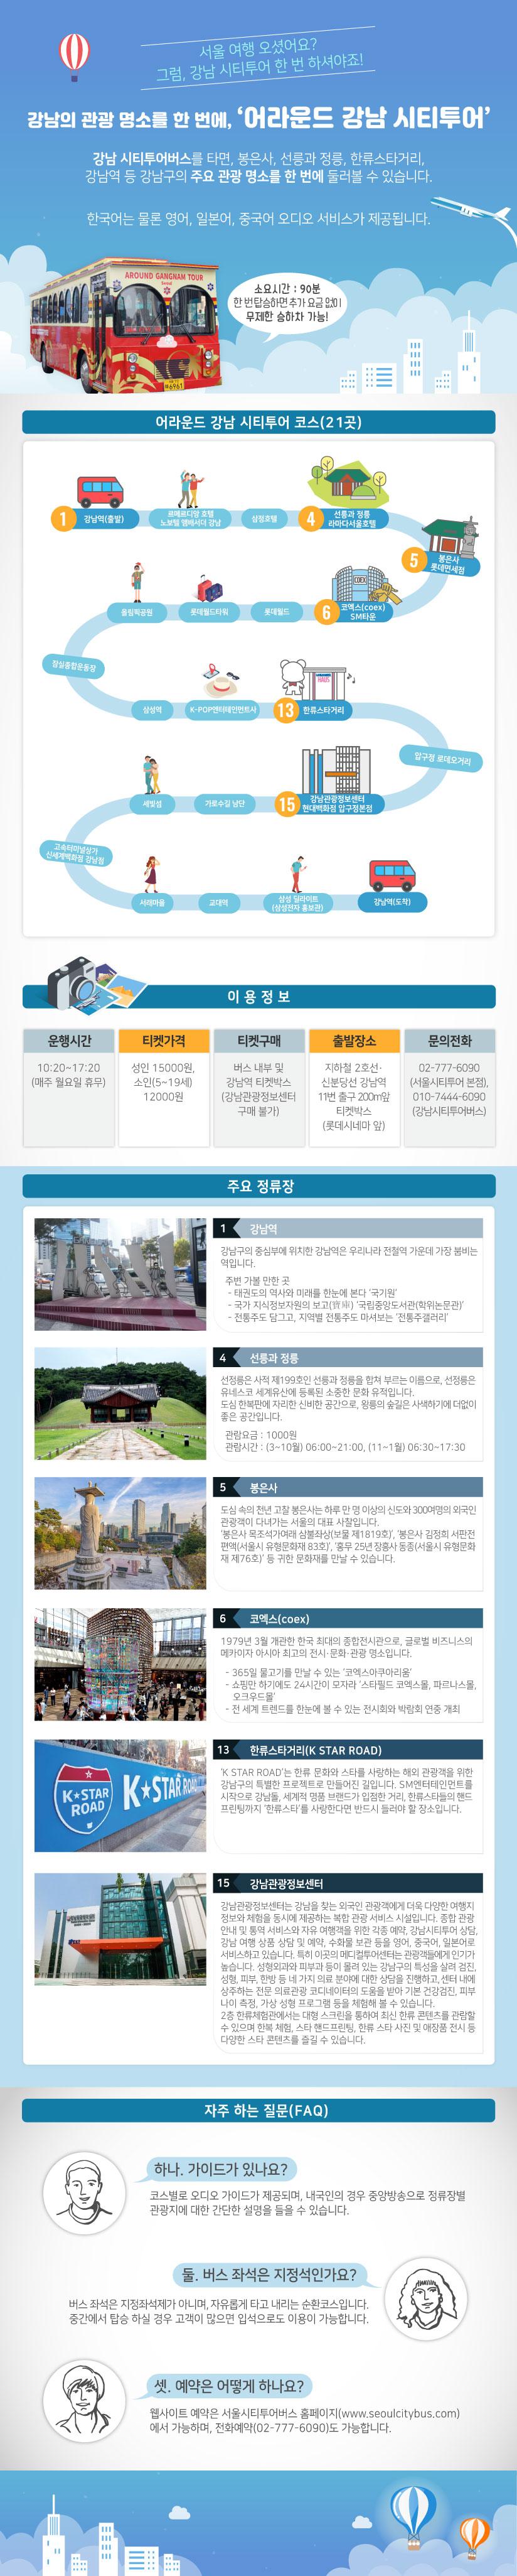 서울 여행 오셨어요? 그럼, 강남 시티투어 한 번 하셔야죠!강남의 관광 명소를 한 번에, '어라운드 강남 시티투어'